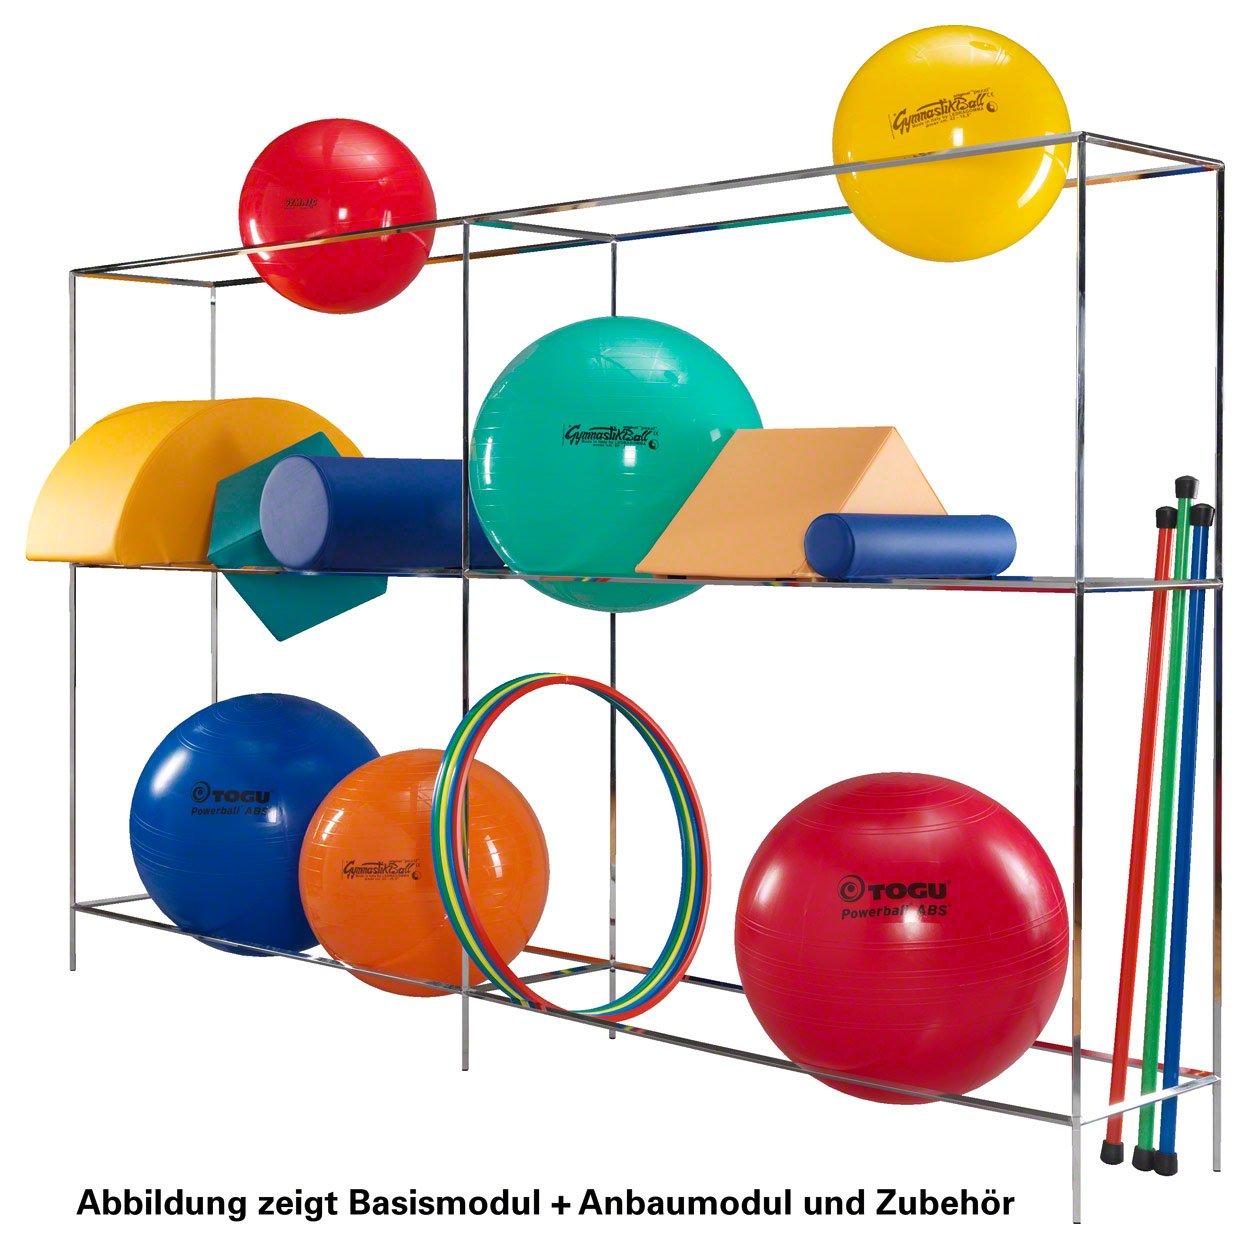 Ballregal Anbaumodul für Basismodul Standregal für Sporthallen Physiotherapie